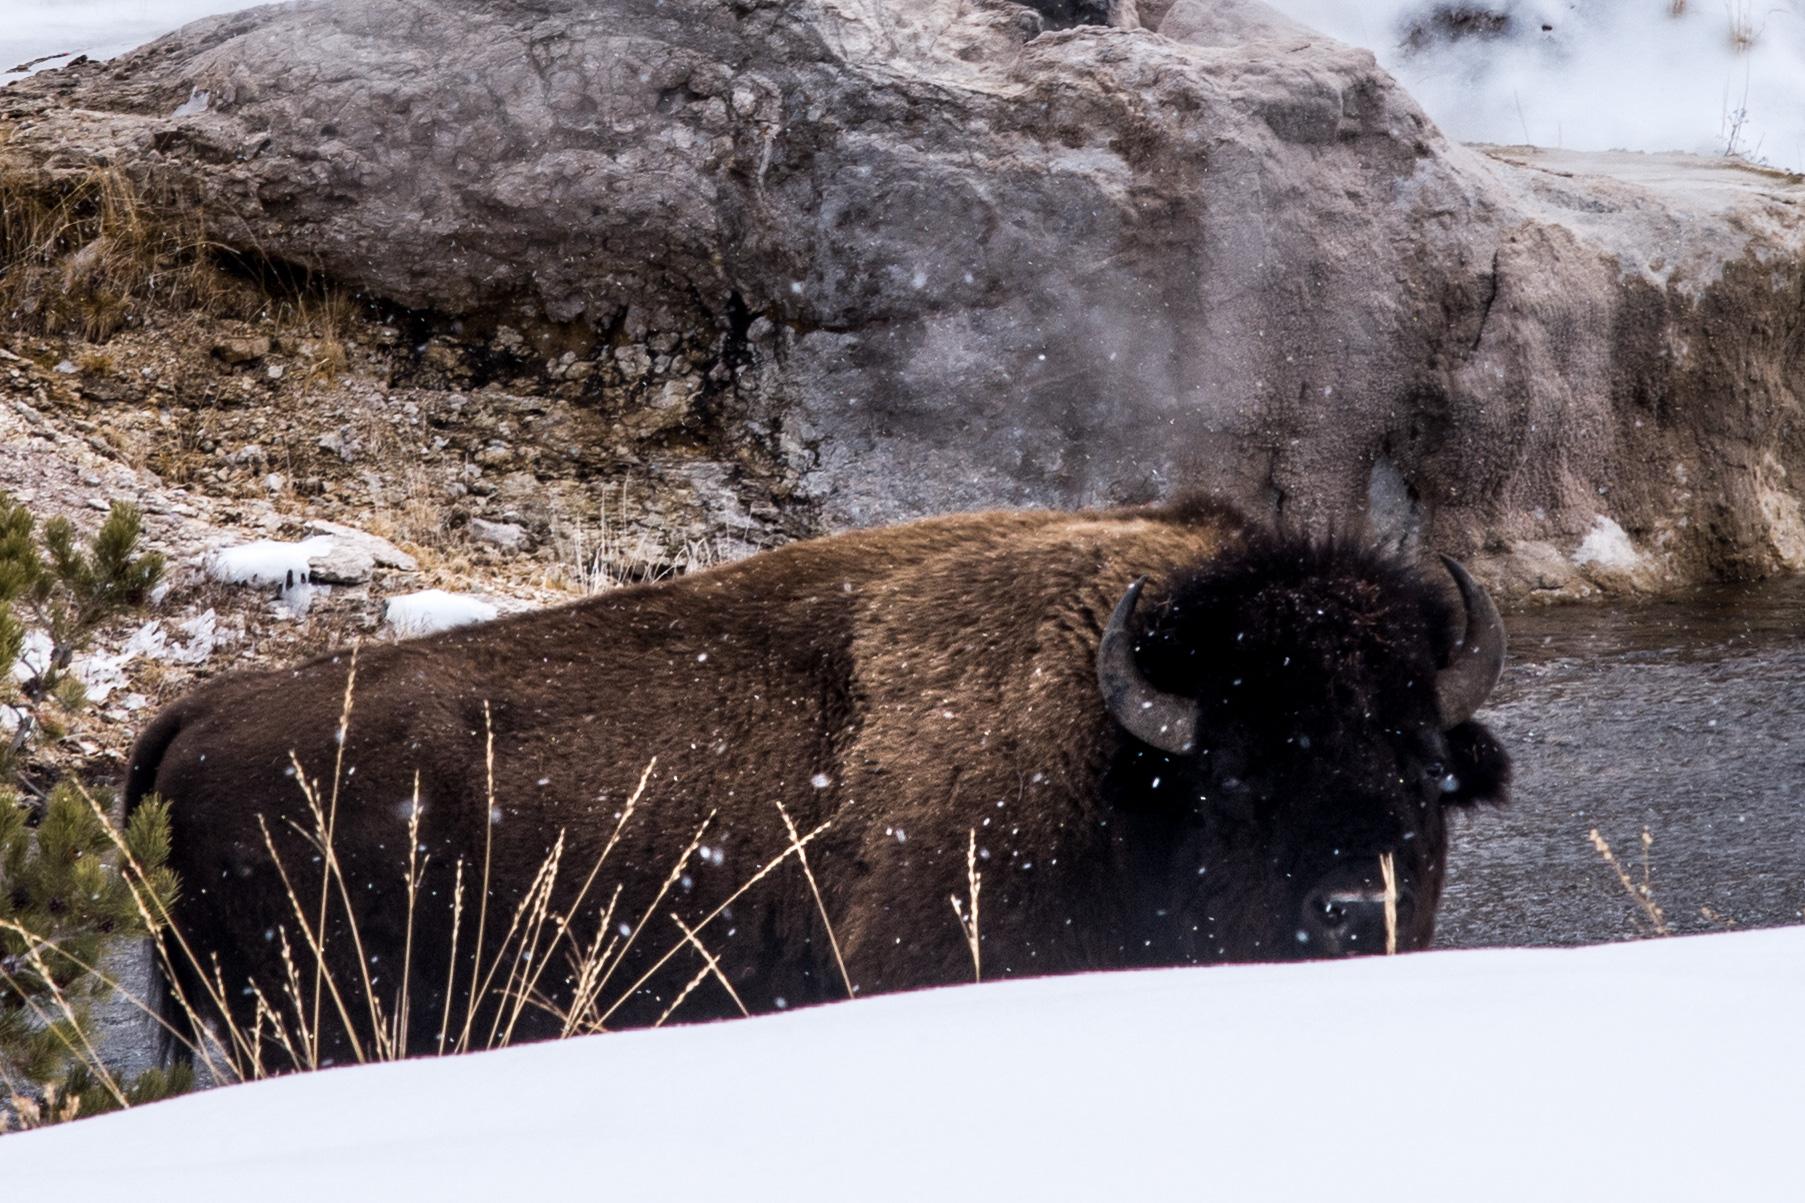 Bison in the geyser field